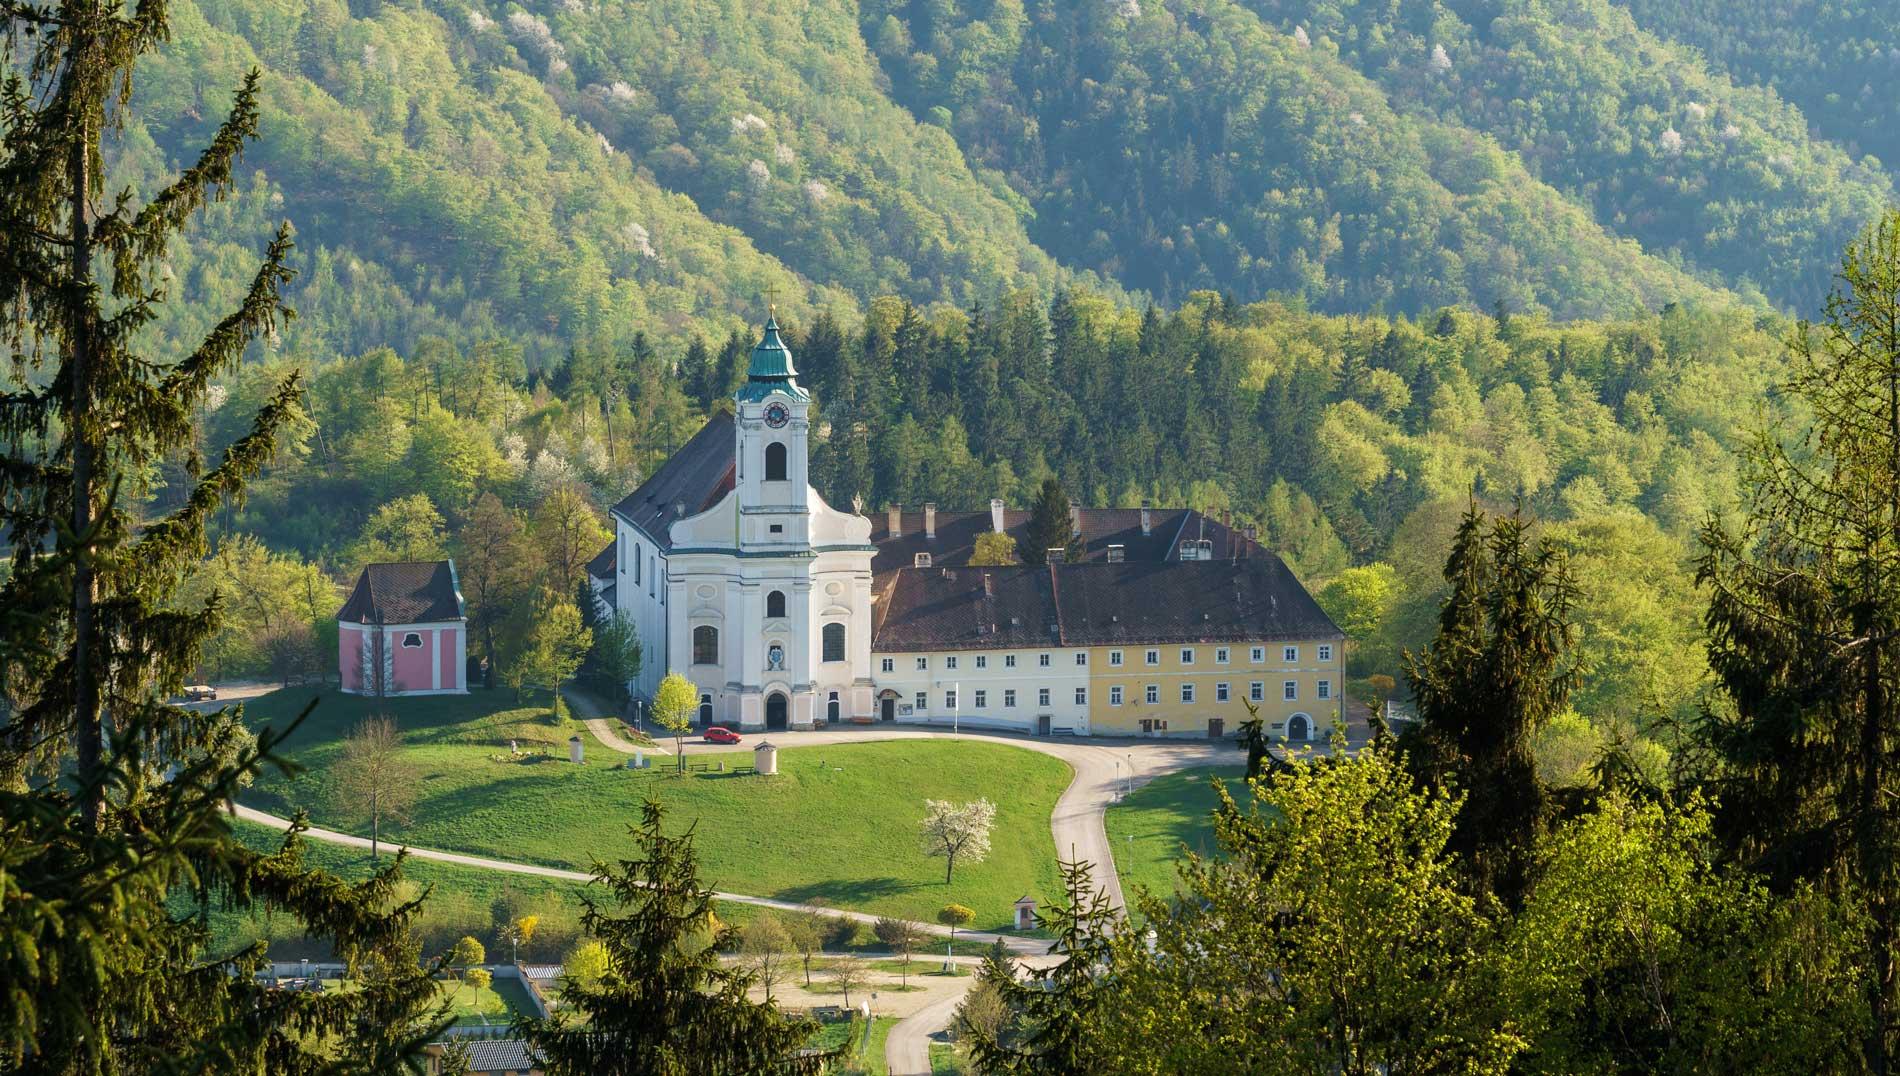 Kloster Maria Langegg